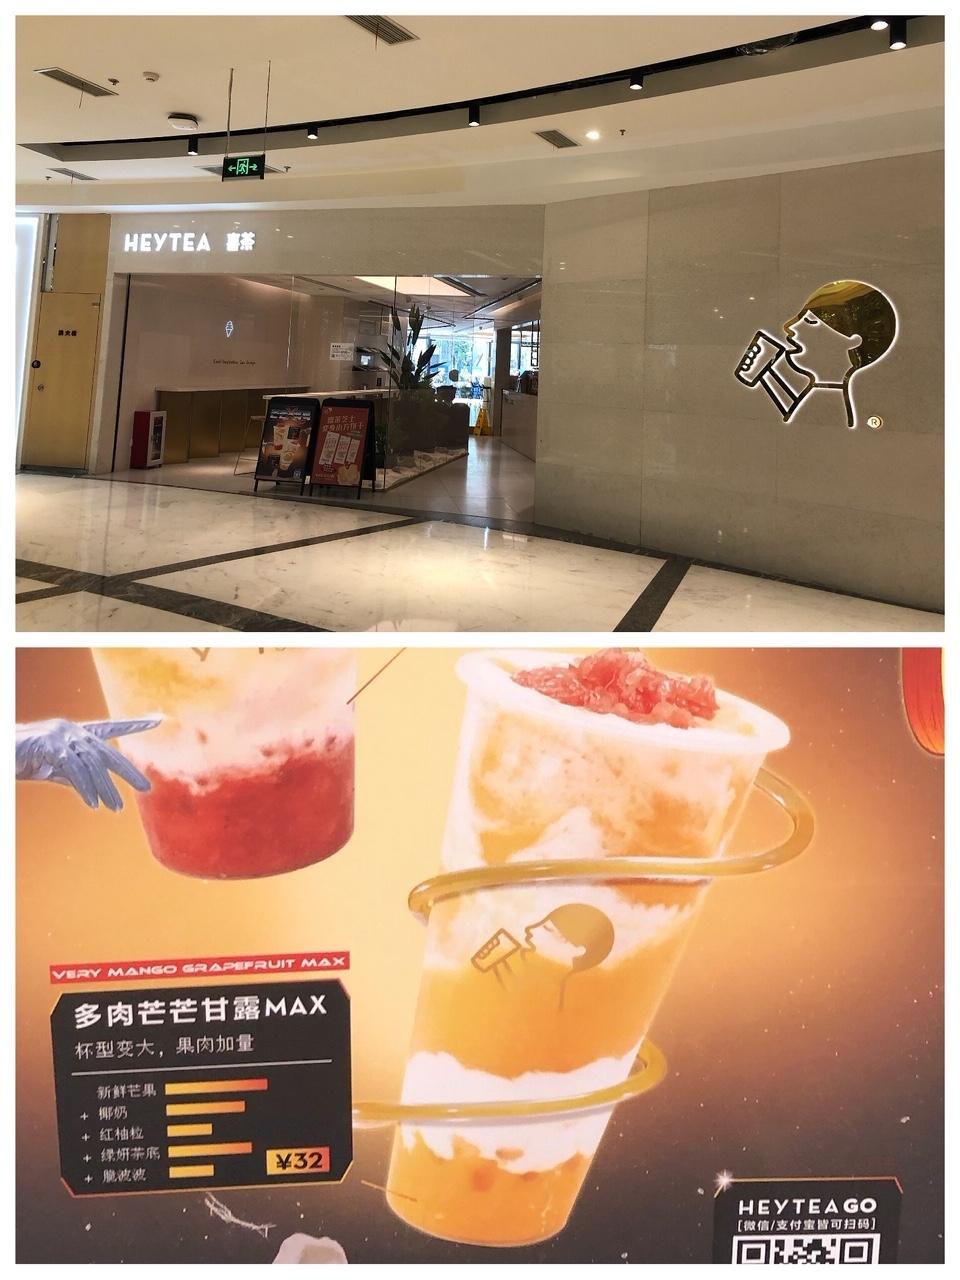 上海•喜茶のマンゴードリンク「多肉芒芒甘露MAX」32元(約480円)